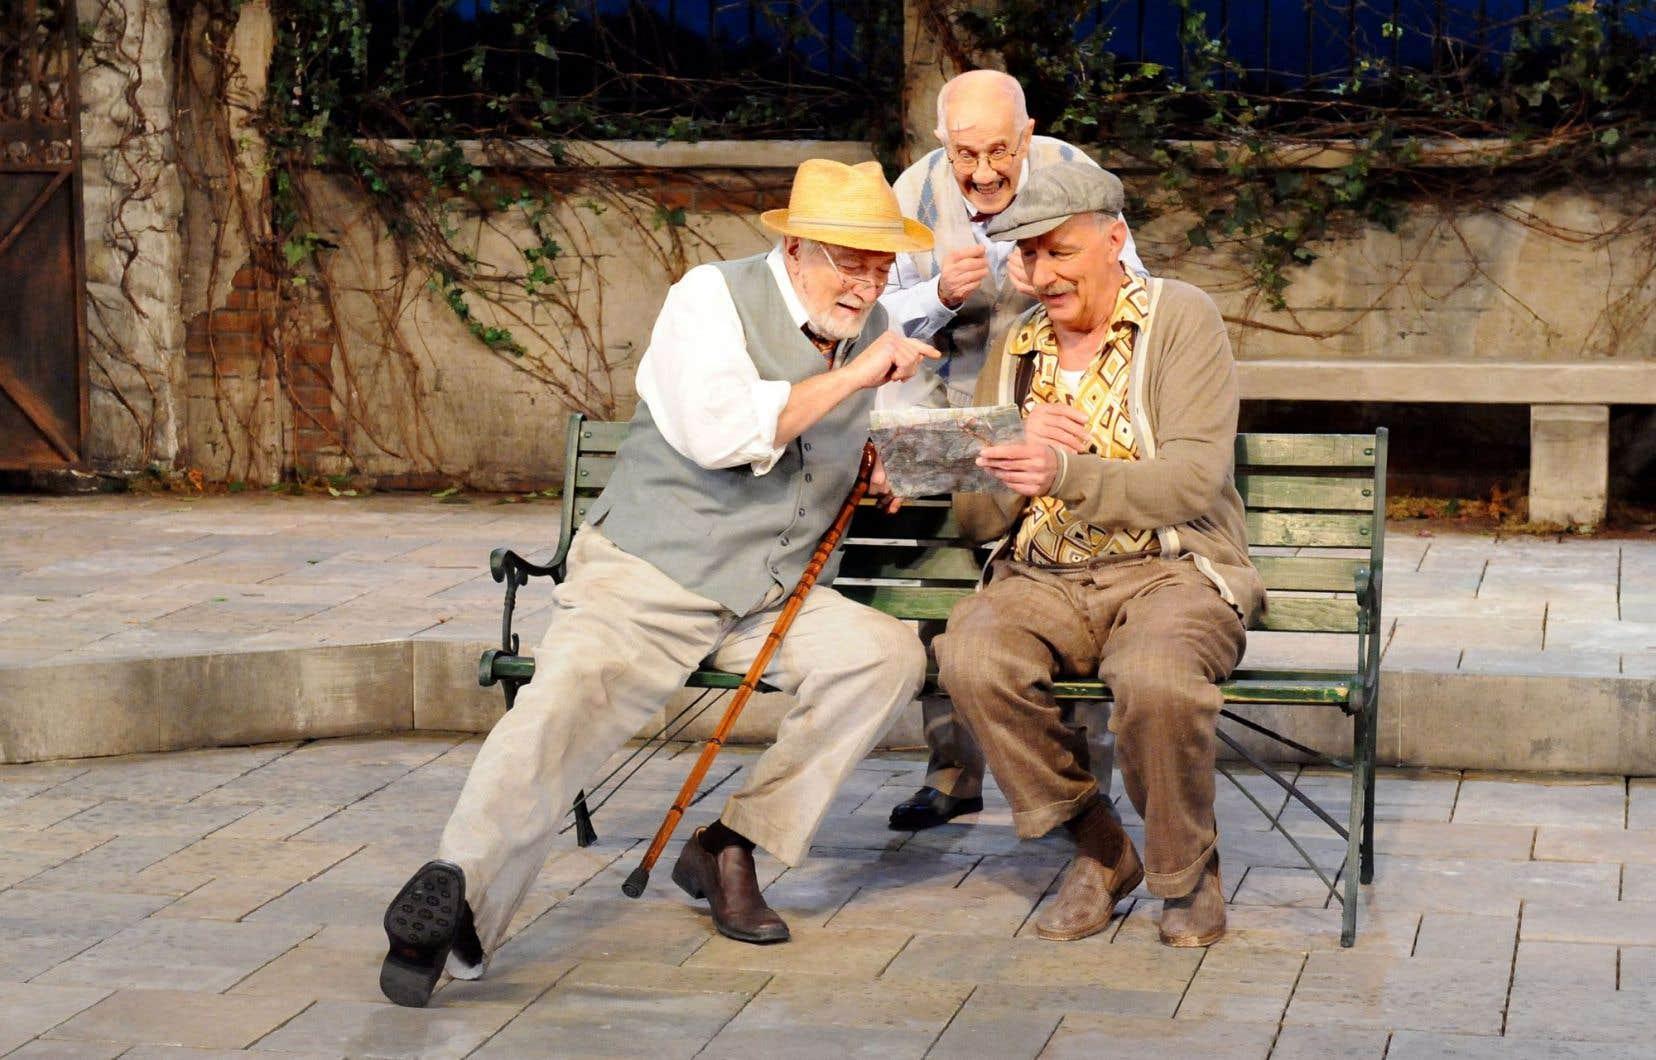 Les héros de ce texte créé à Paris en 2003, ce sont Henri (Michel Dumont), Philippe (Marc Legault) et Gustave (Guy Mignault), des vétérans de la Première Guerre mondiale qui attendent la mort sur la terrasse d'un hospice.